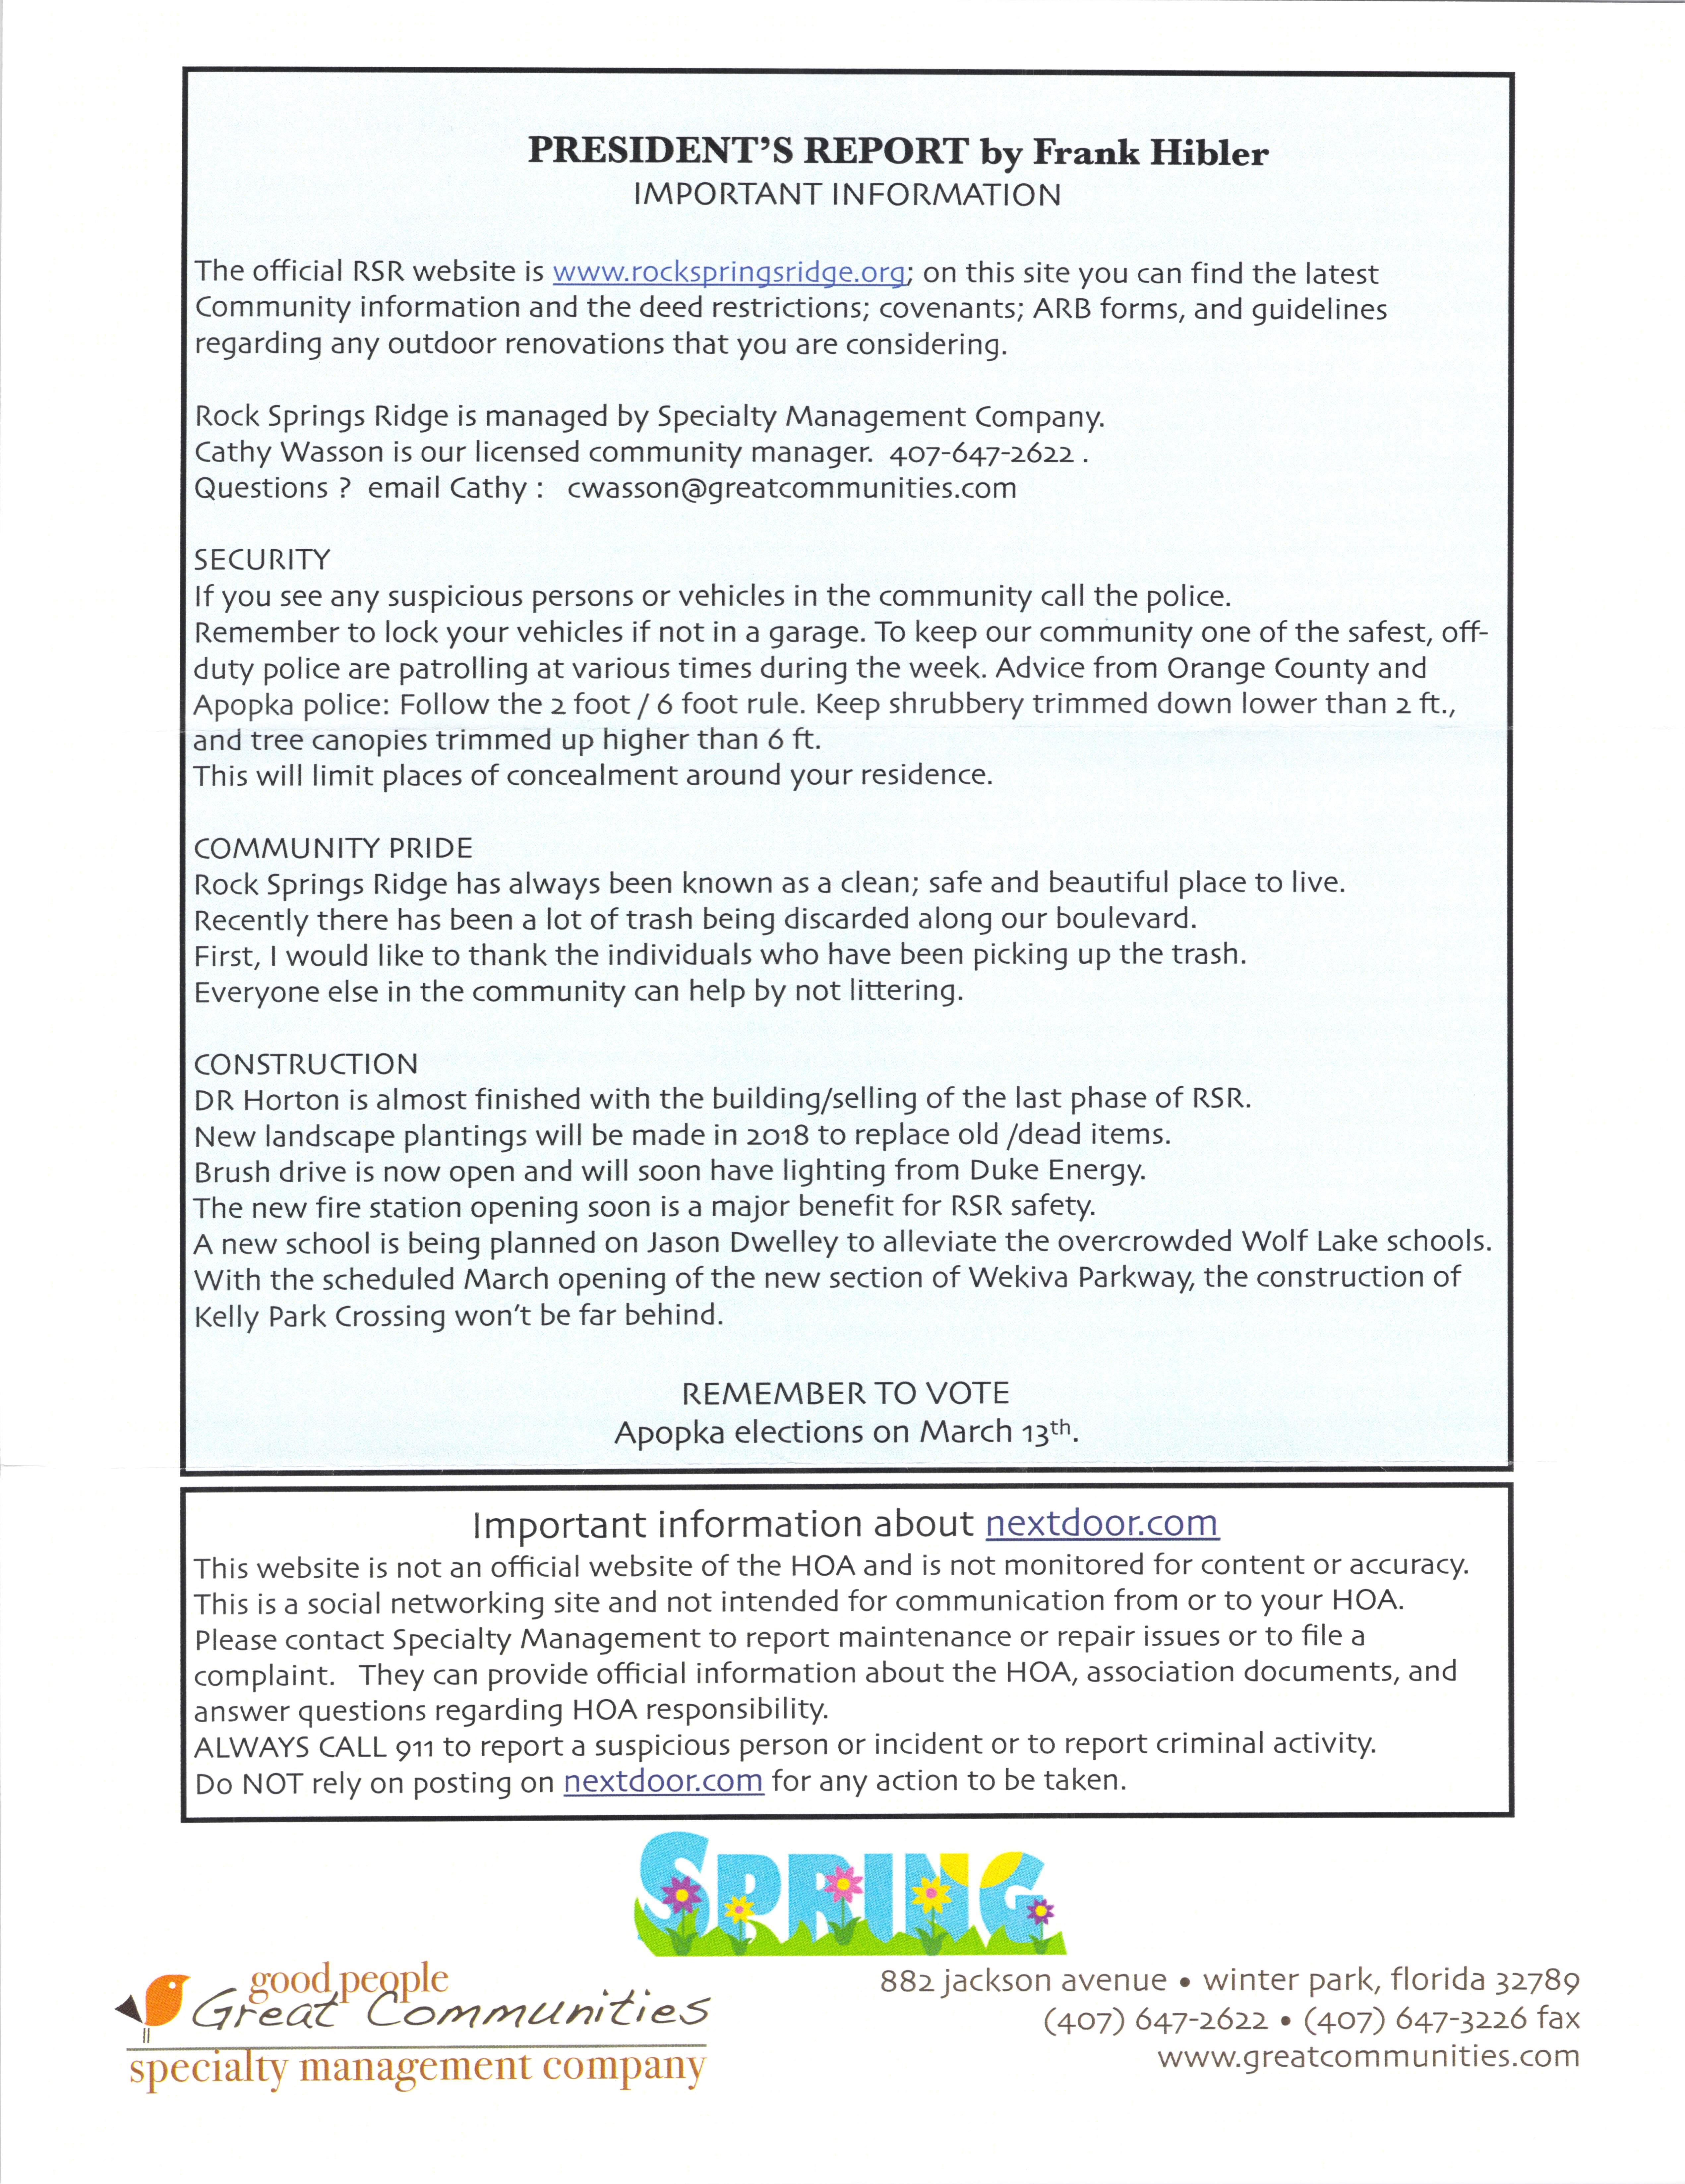 Rock Springs Ridge Apopka FL | Spring President's report